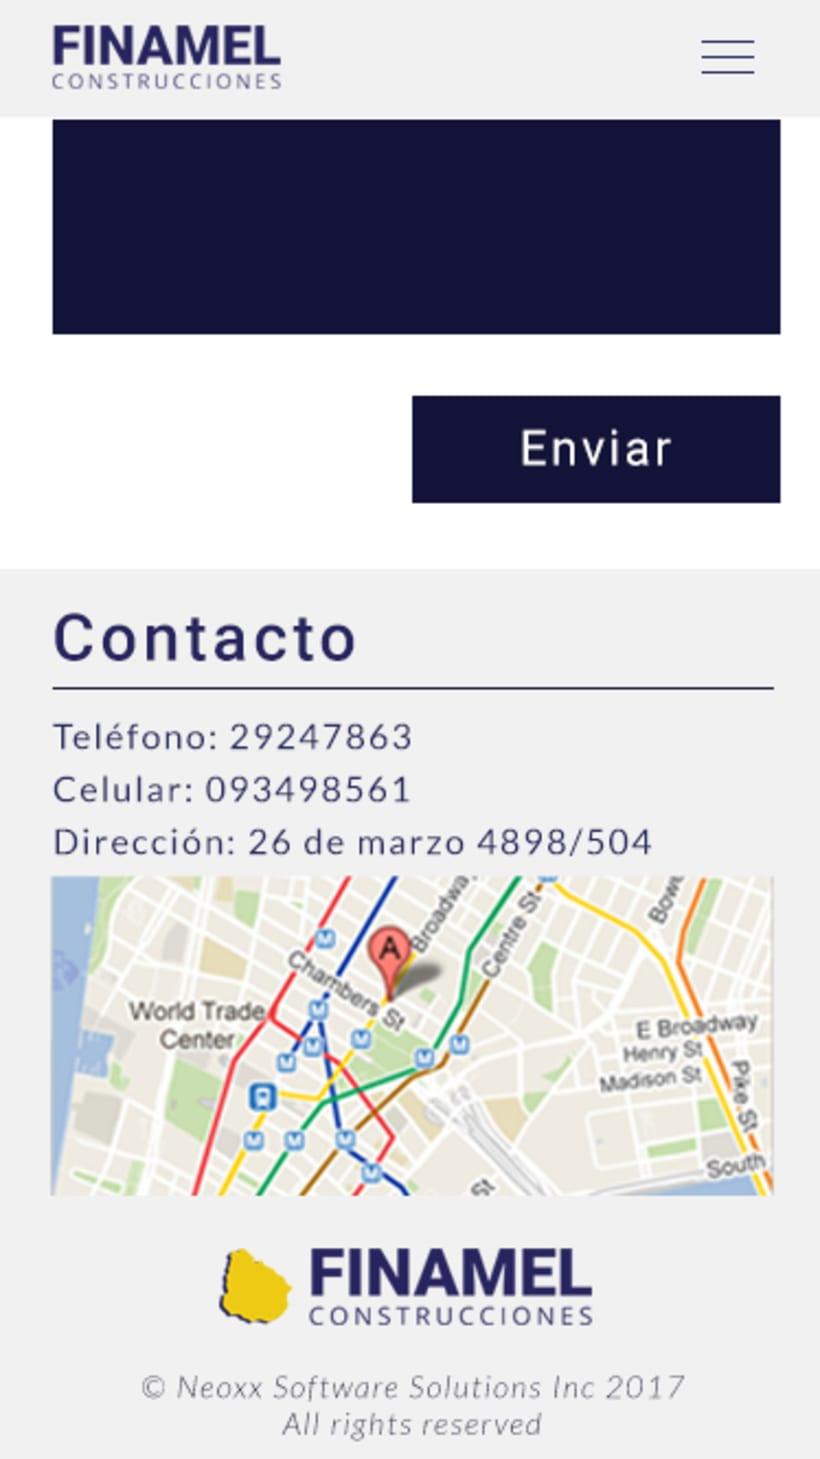 FINAMEL - Maquetación web y celular 16